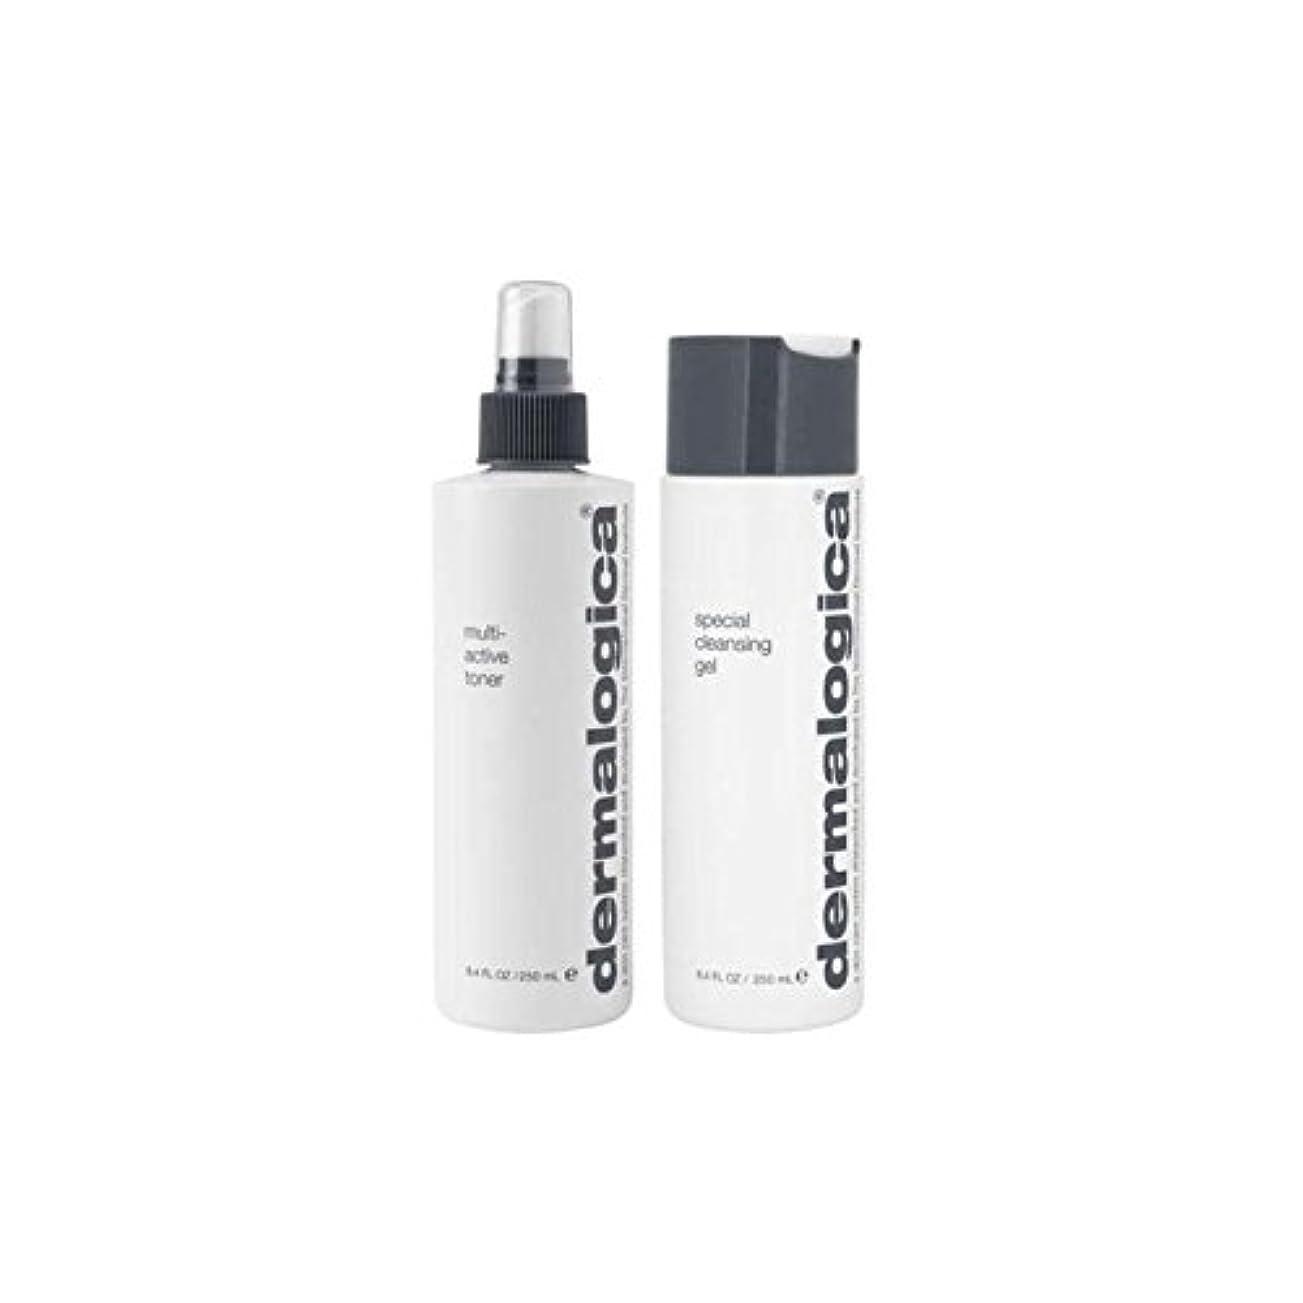 マーカー完全に皮肉なダーマロジカクレンジング&トーンデュオ - ノーマル/ドライスキン(2製品) x2 - Dermalogica Cleanse & Tone Duo - Normal/Dry Skin (2 Products) (Pack of 2) [並行輸入品]